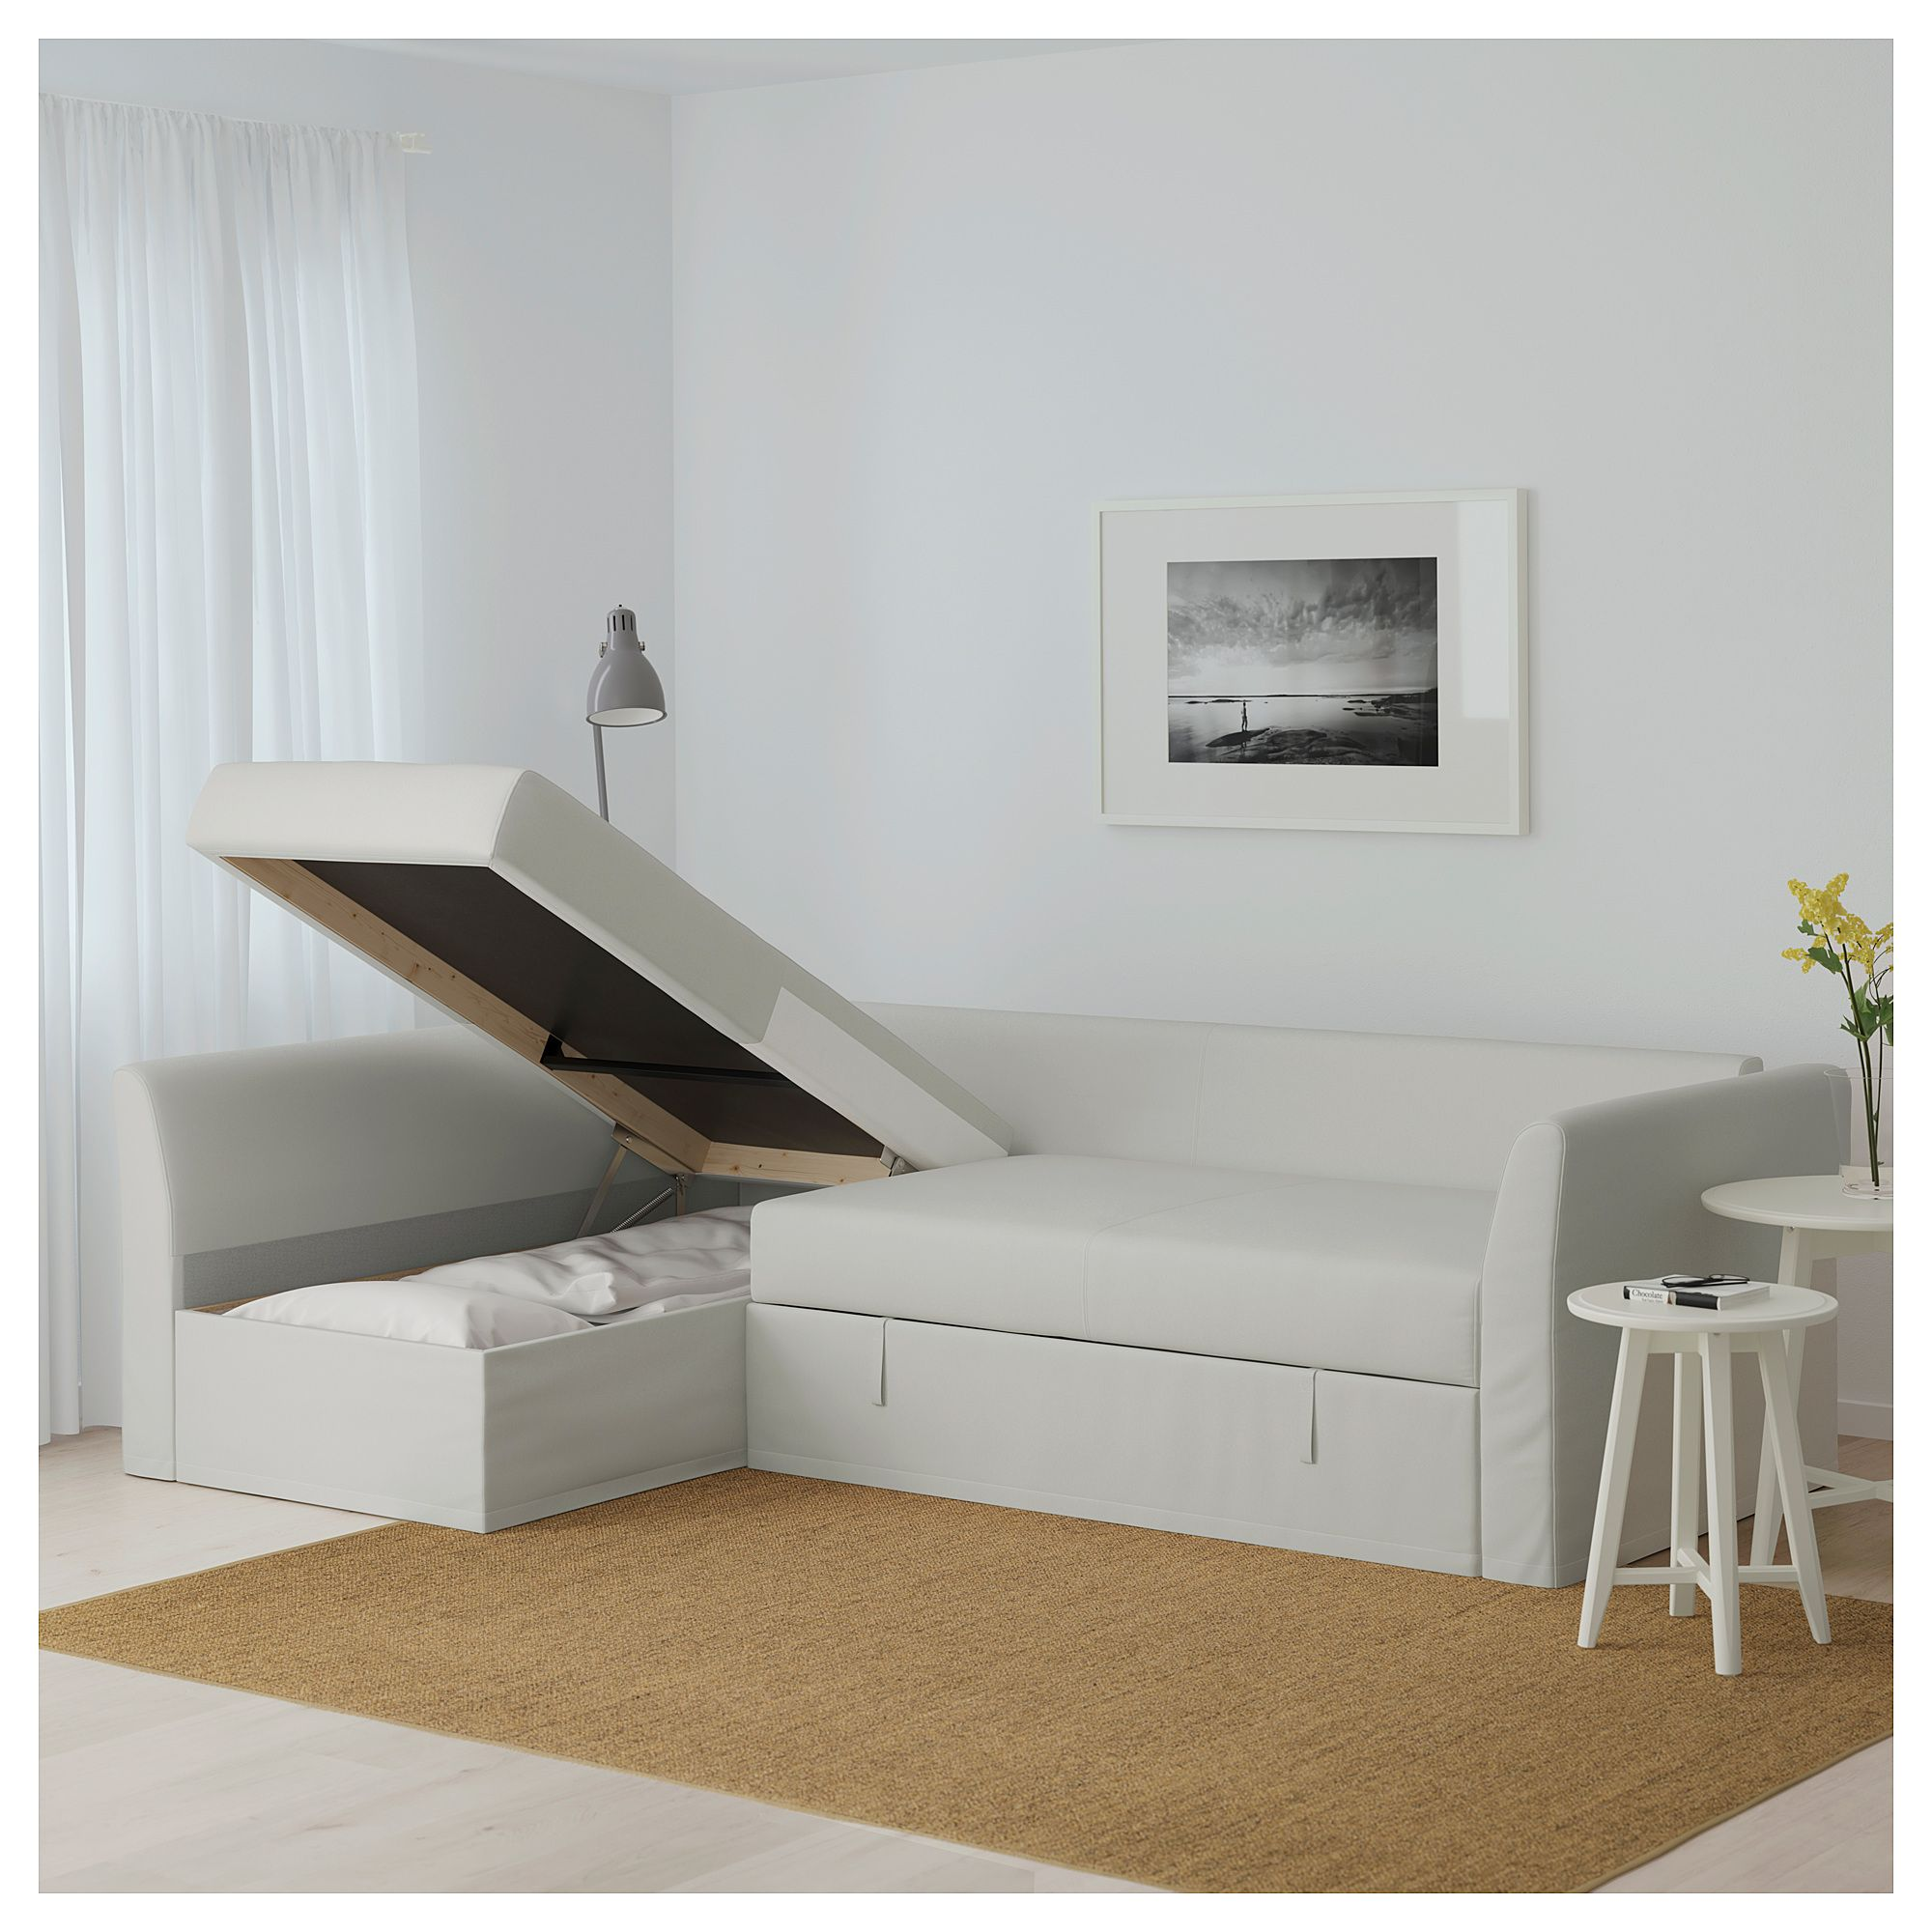 - HOLMSUND Sleeper Sectional, 3-seat - Orrsta Light White-gray